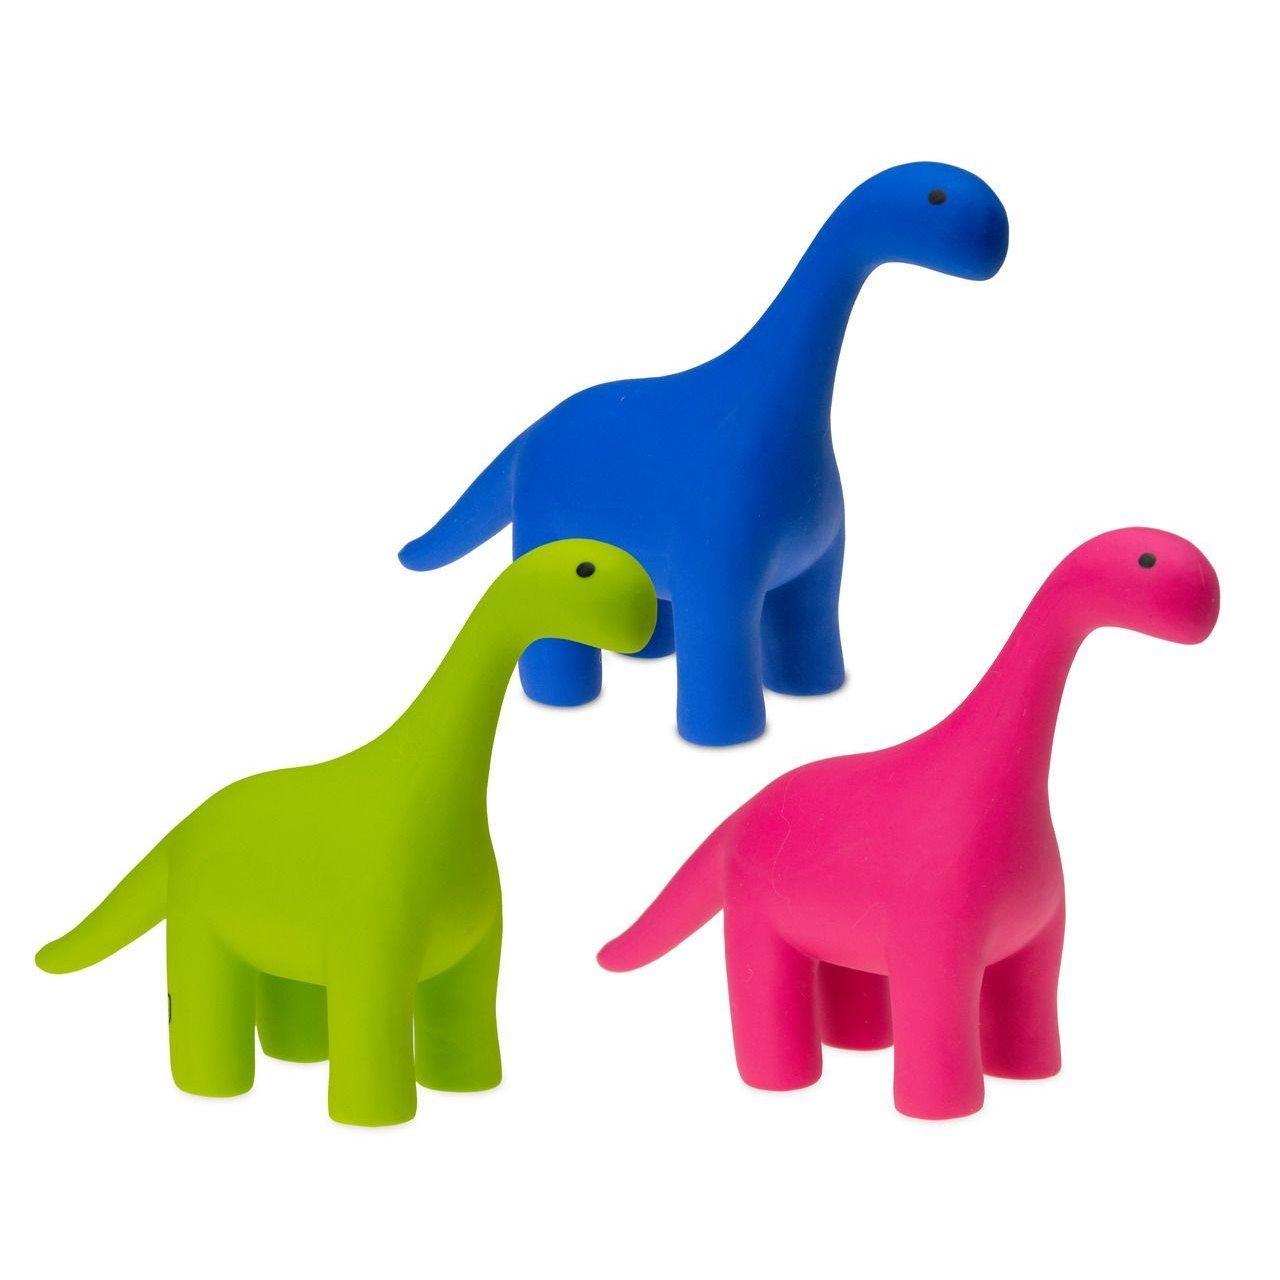 Karlie Dinosaurier aus Latex, ein Stück - 21 x 6 x 15 cm - grün